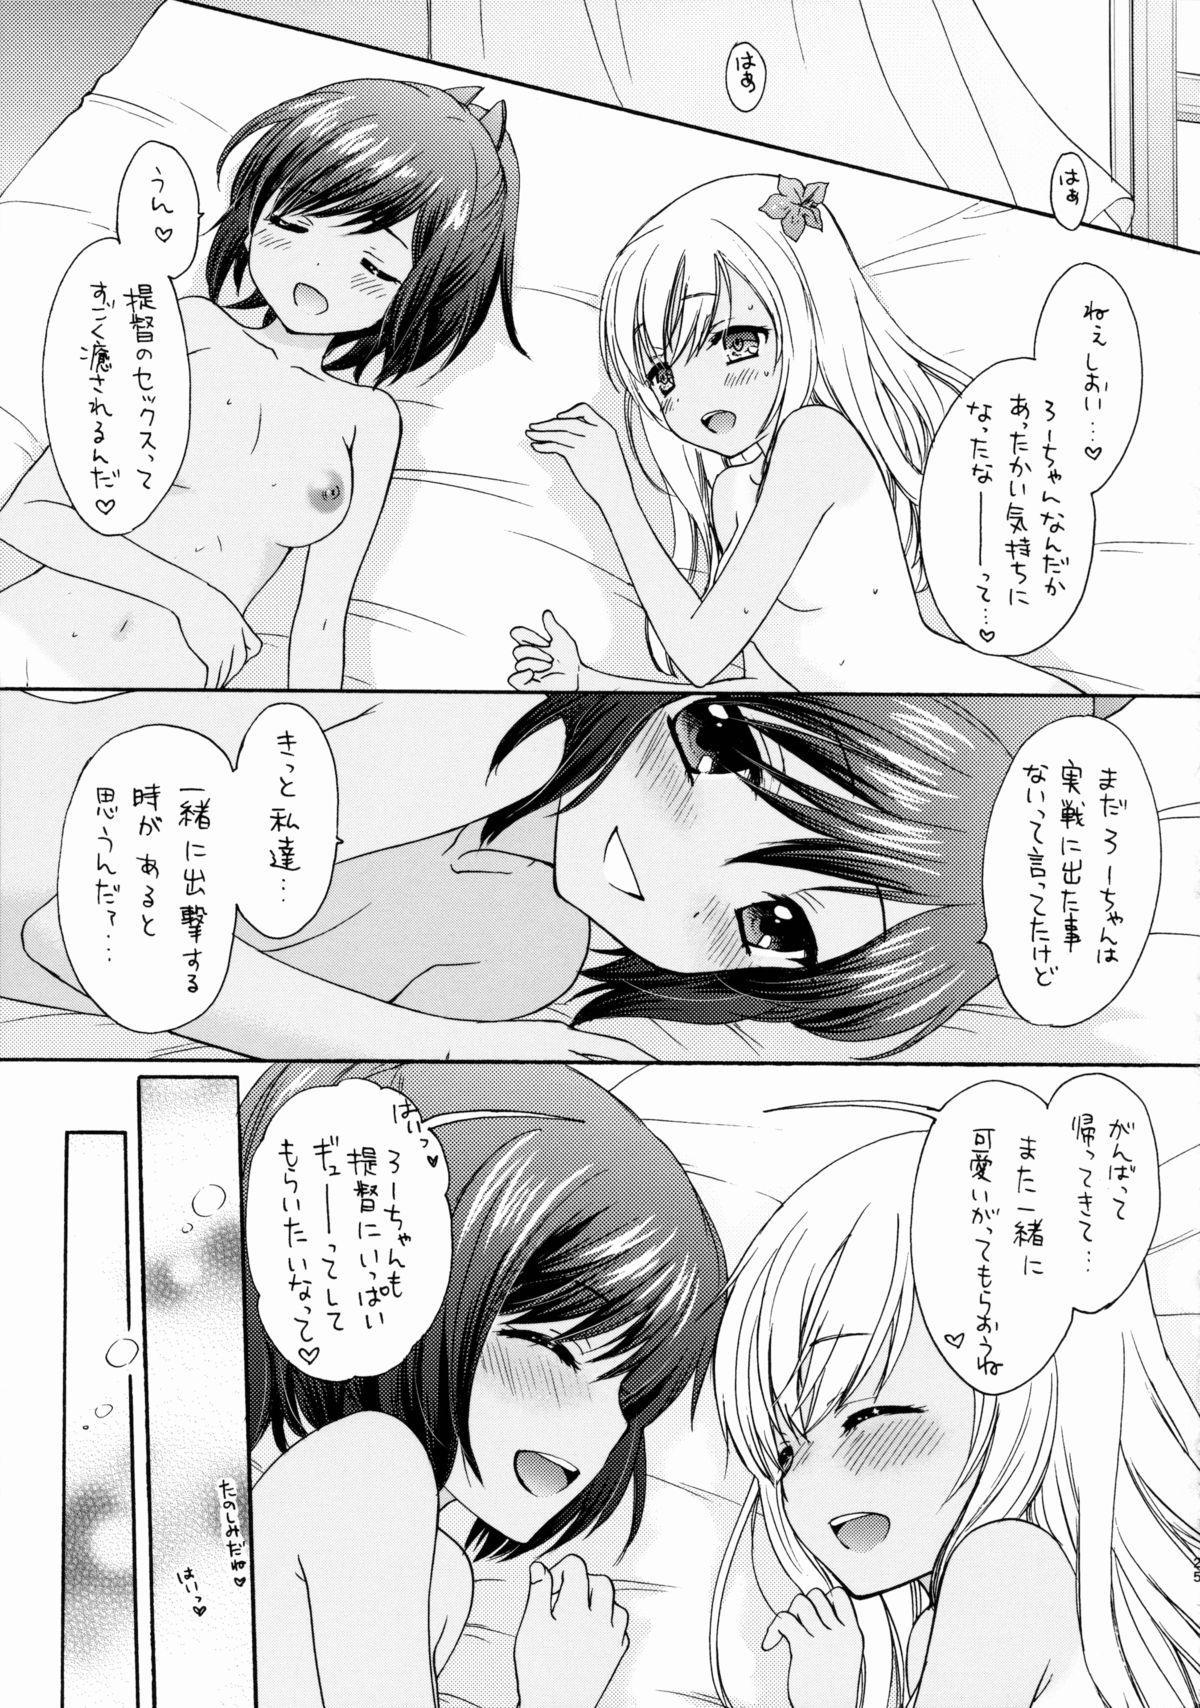 Aisatsu wa Itsudemo 23